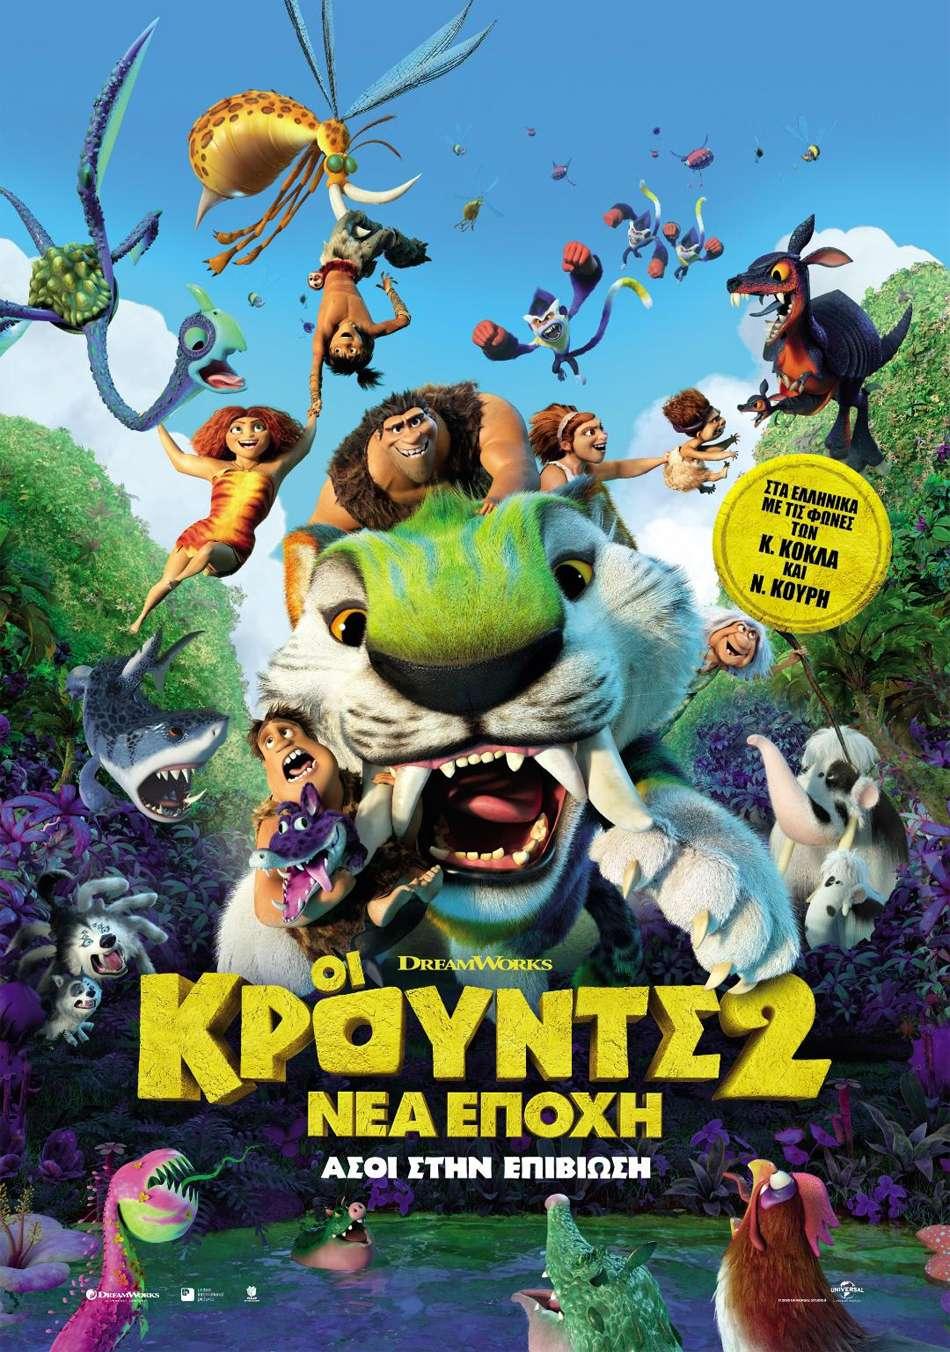 Οι Κρουντς 2: Νέα Εποχή (The Croods: A New Age) Poster